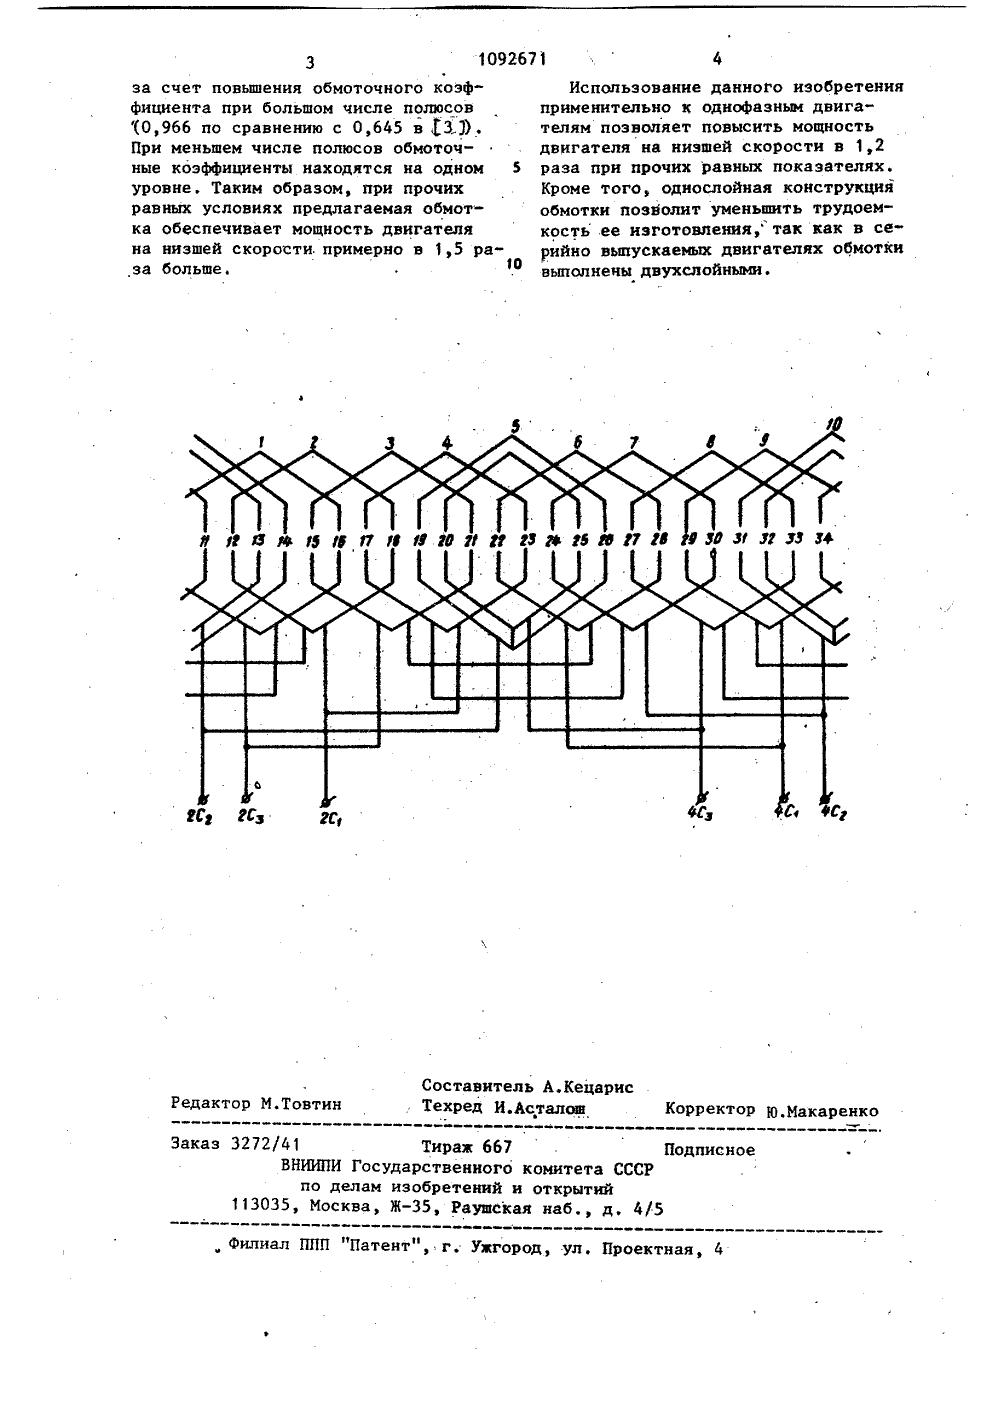 Схемы намотки асинхронного однофазного двигателя